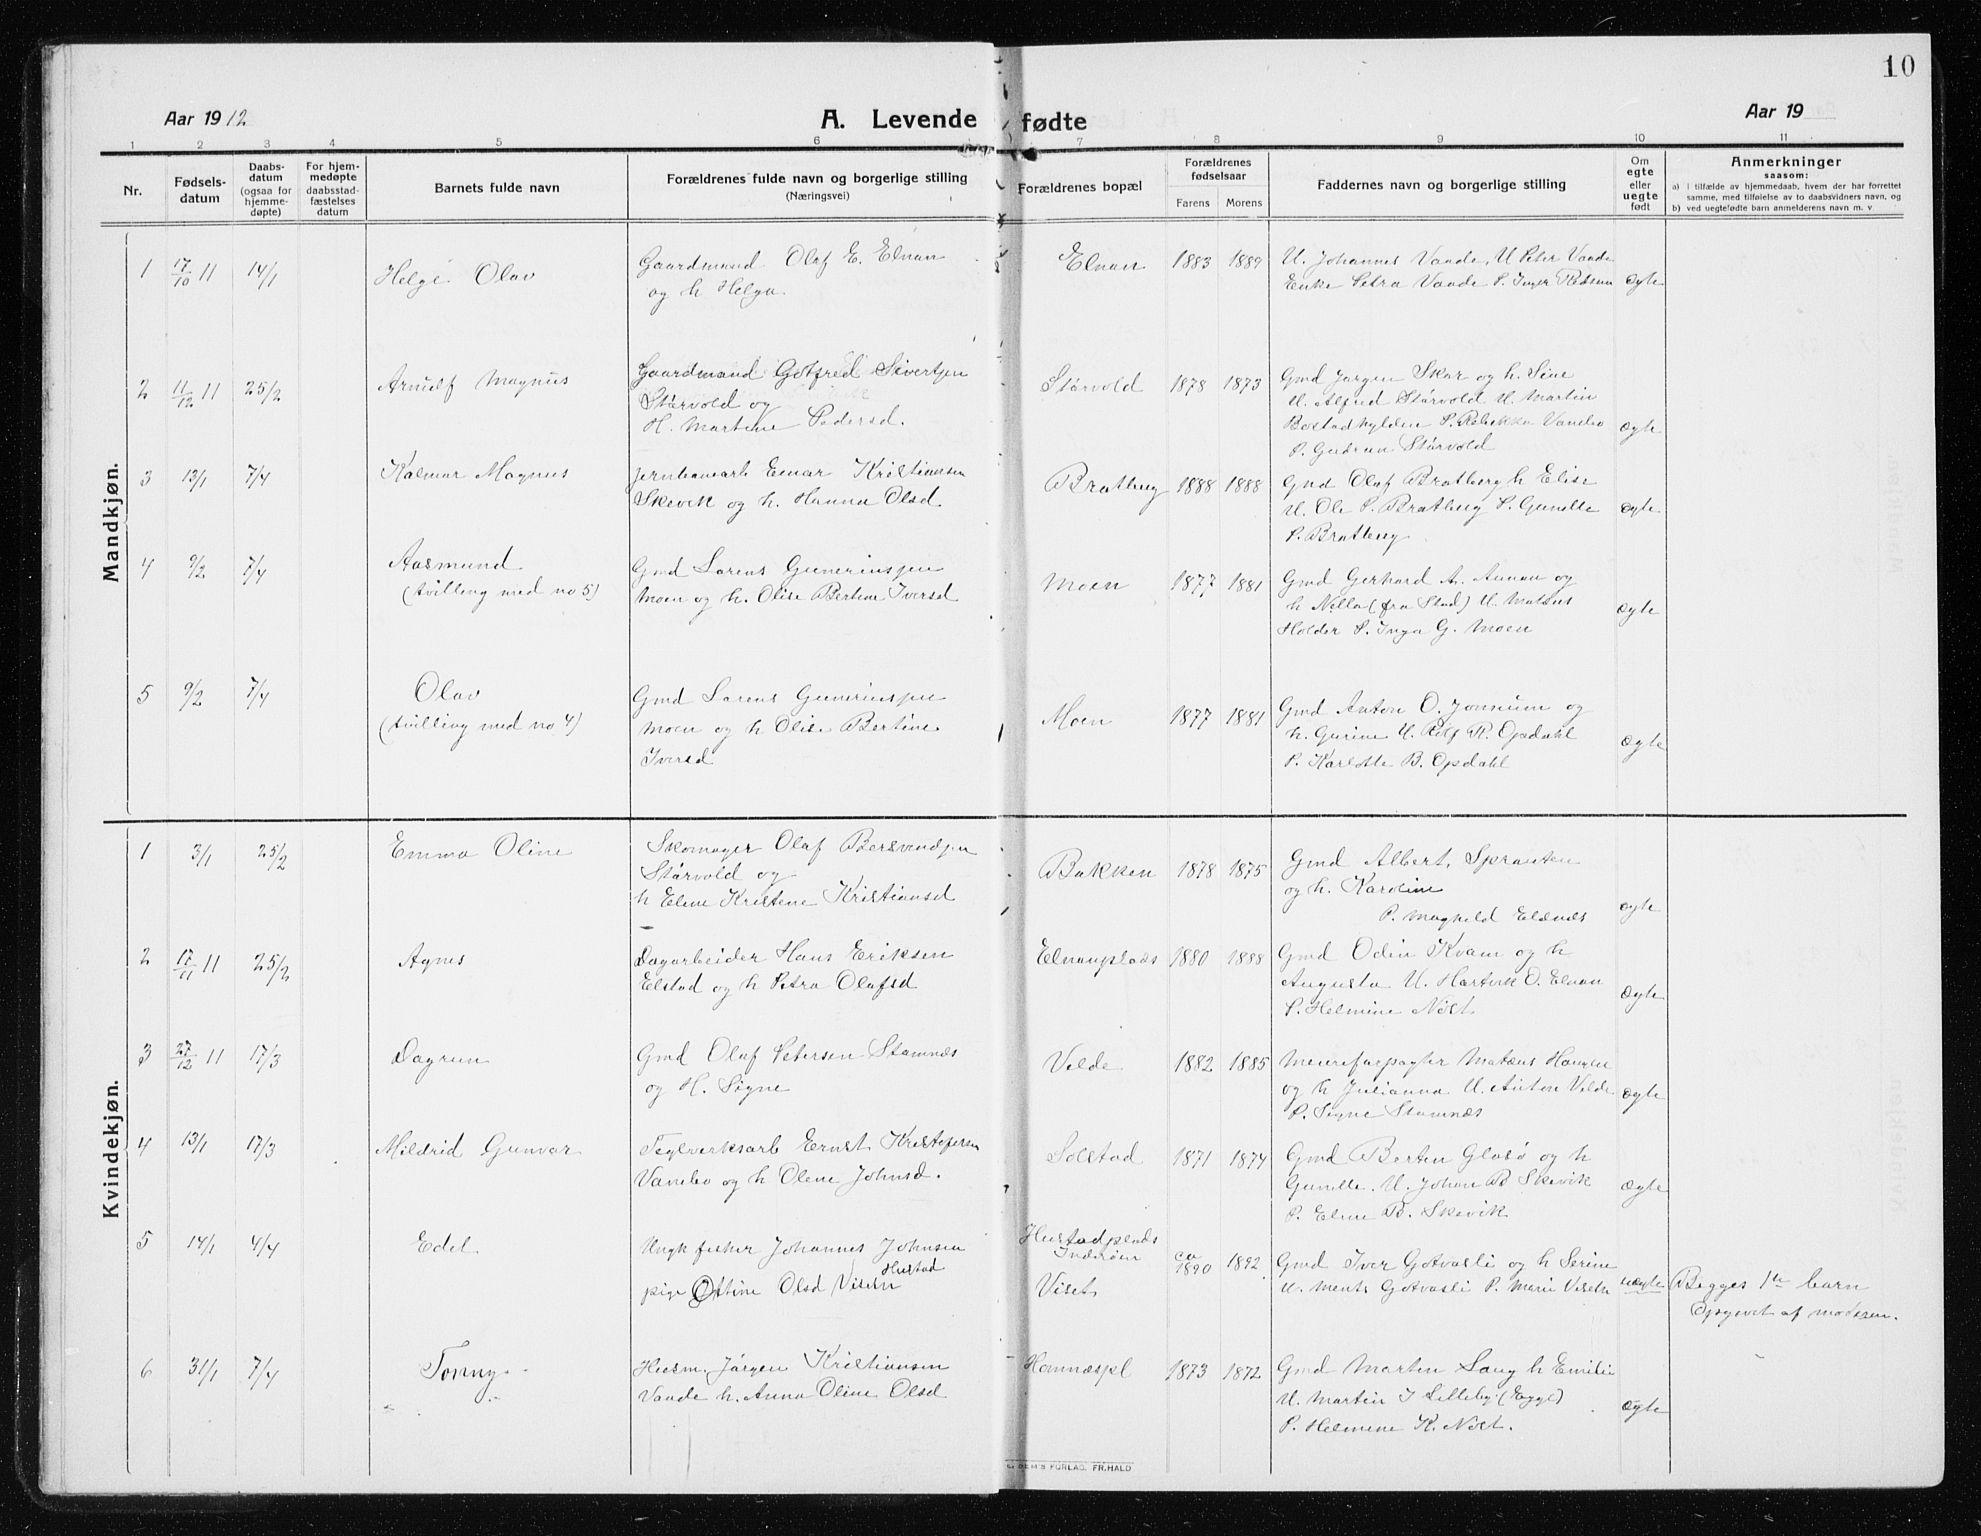 SAT, Ministerialprotokoller, klokkerbøker og fødselsregistre - Nord-Trøndelag, 741/L0402: Klokkerbok nr. 741C03, 1911-1926, s. 10